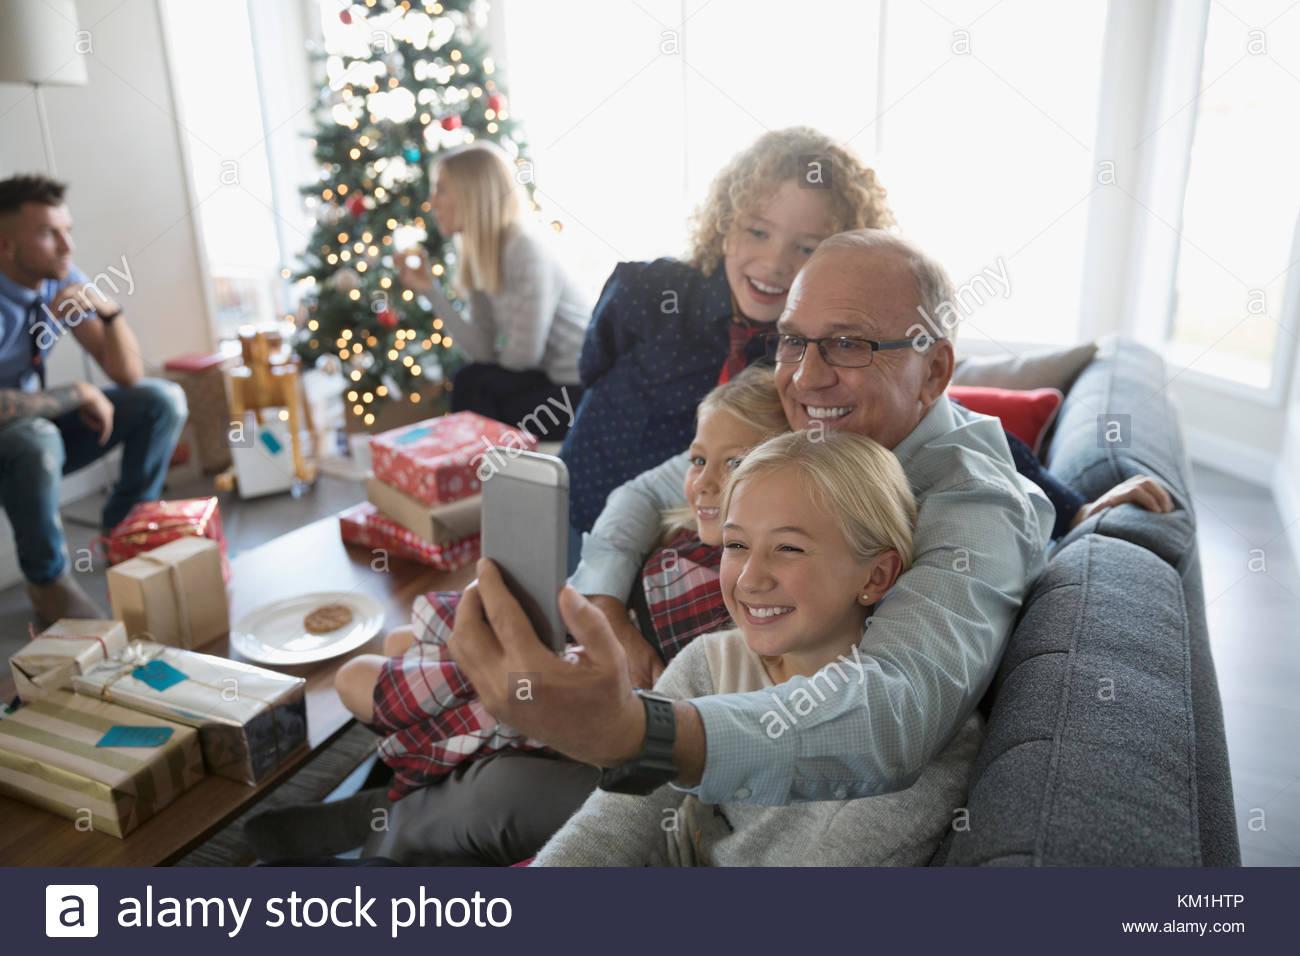 Großvater und Enkel unter selfie mit Kamera Handy in Weihnachten Wohnzimmer Stockfoto